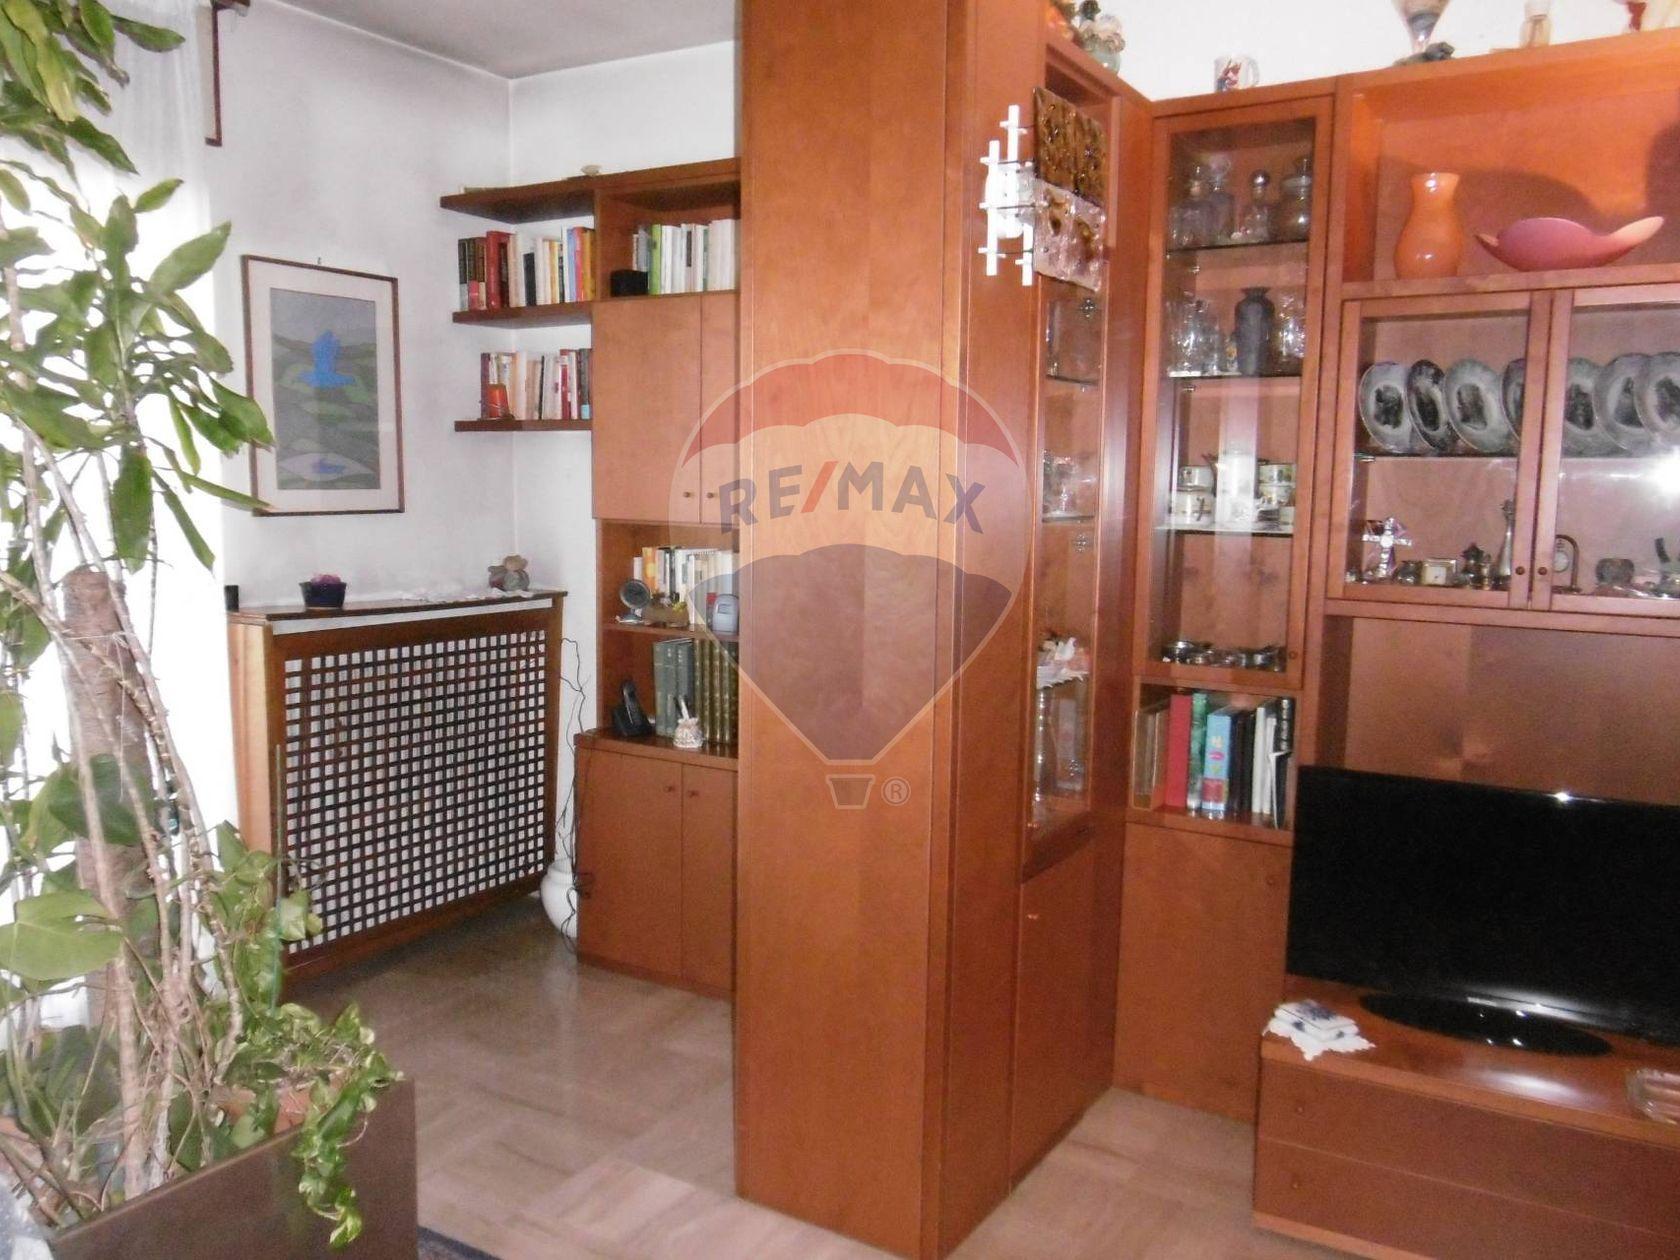 Attico/Mansarda Centro storico, Treviso, TV Vendita - Foto 10